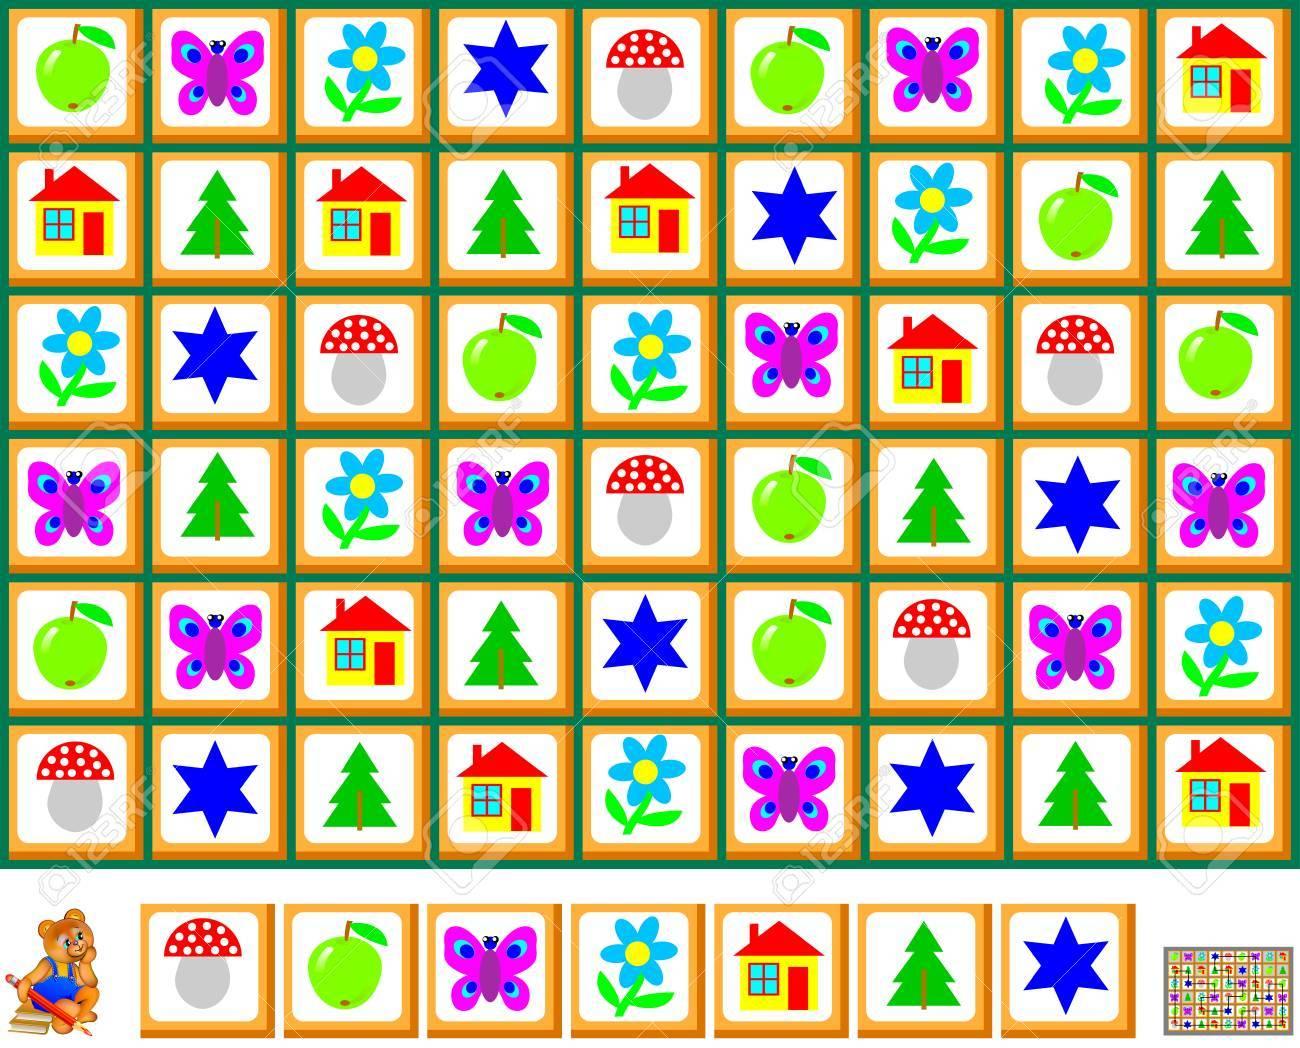 Ausgezeichnet Puzzle Arbeitsblatt Für Kindergärten Bilder - Super ...